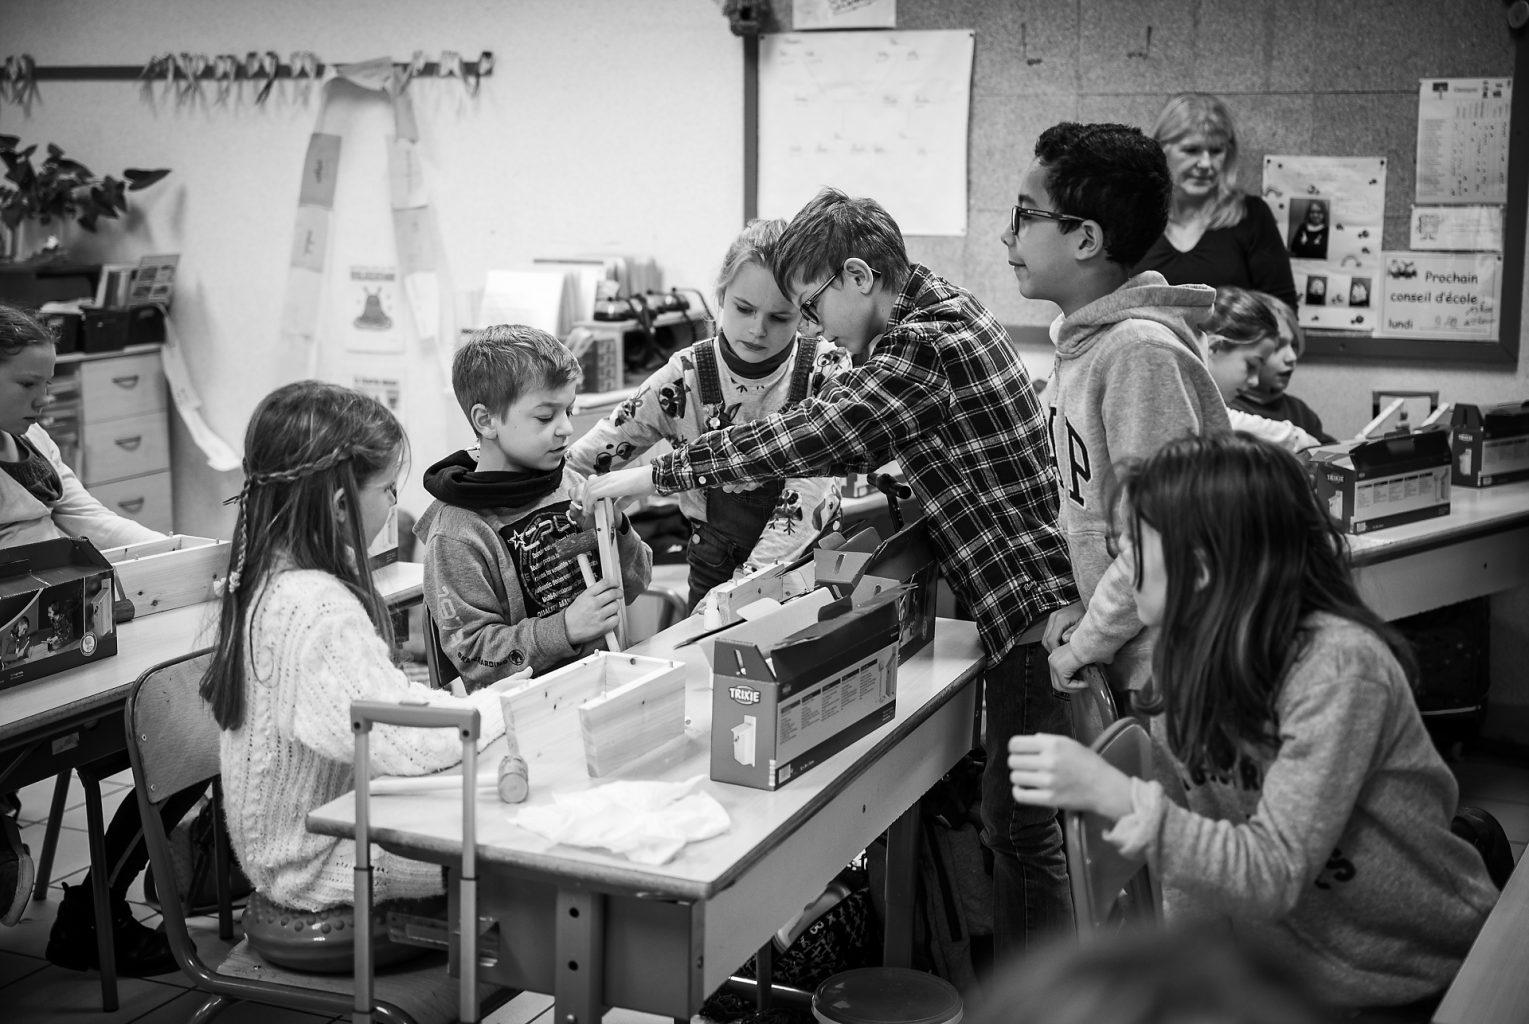 Toute la classe participe, Atelier Nichoir donné par Bruno Marchal, Aurore Delsoir Photographie